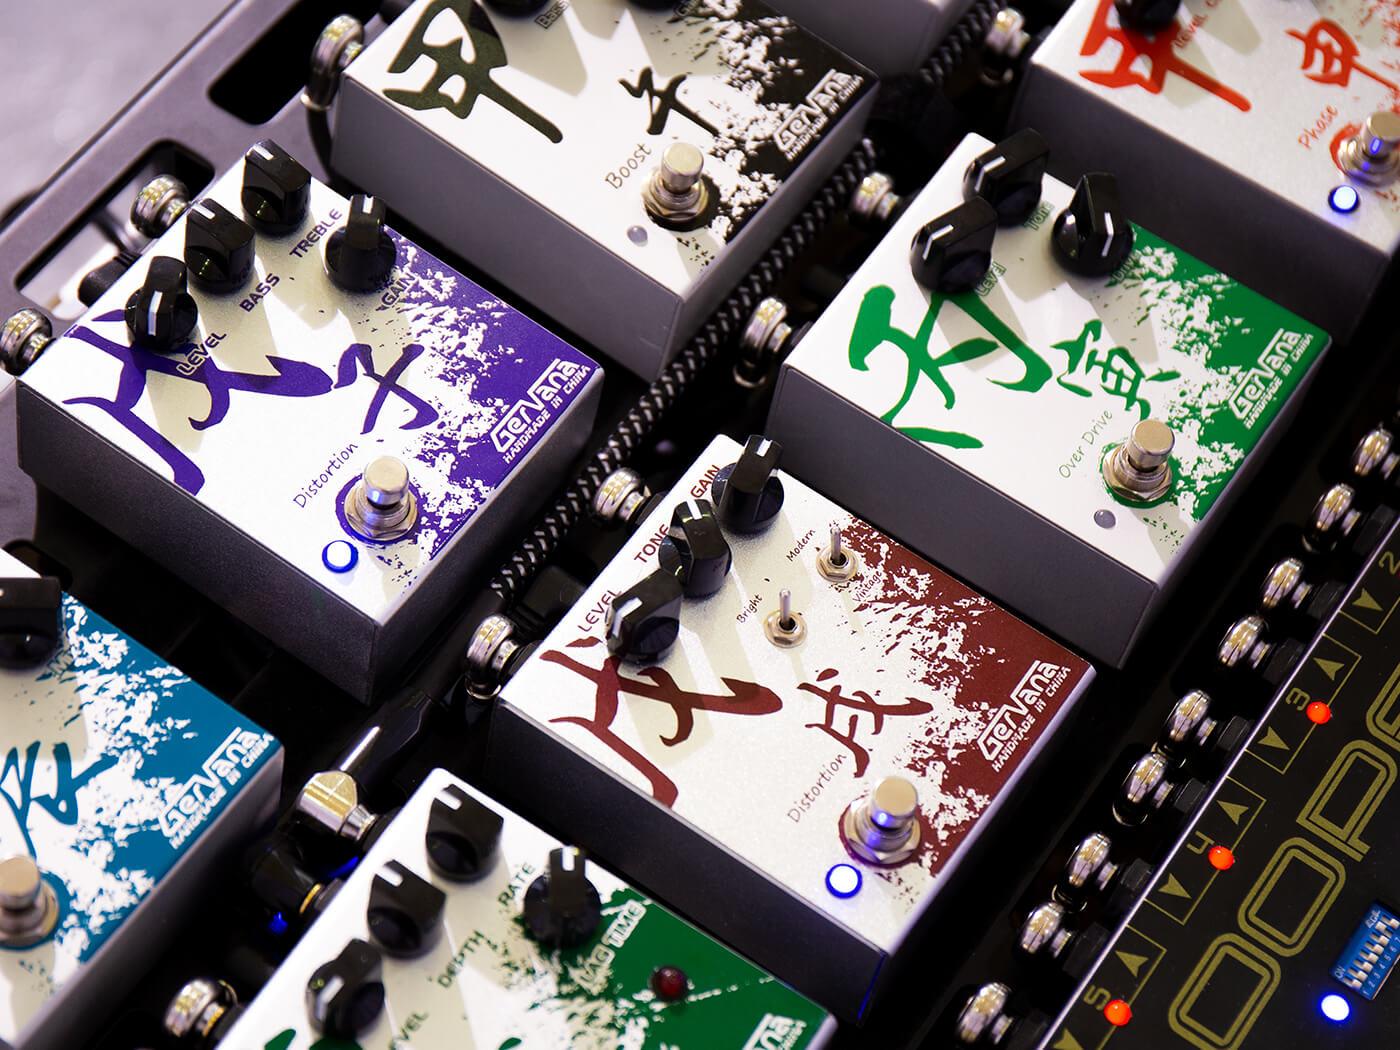 gervana pedals